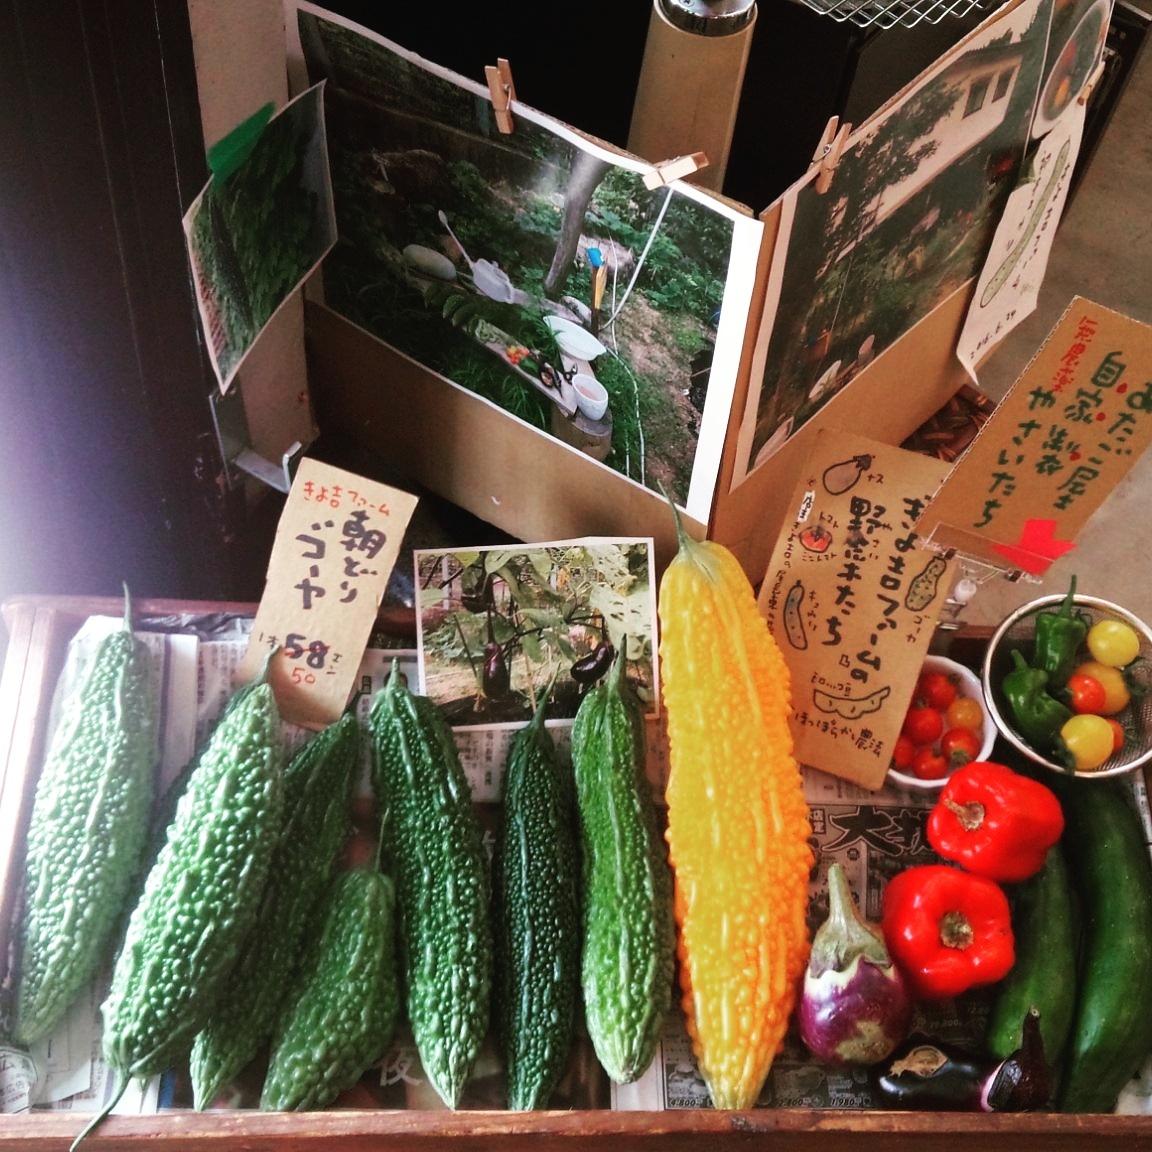 お盆は通常通りの営業です! と、新鮮野菜たち。_c0353492_12433009.jpg